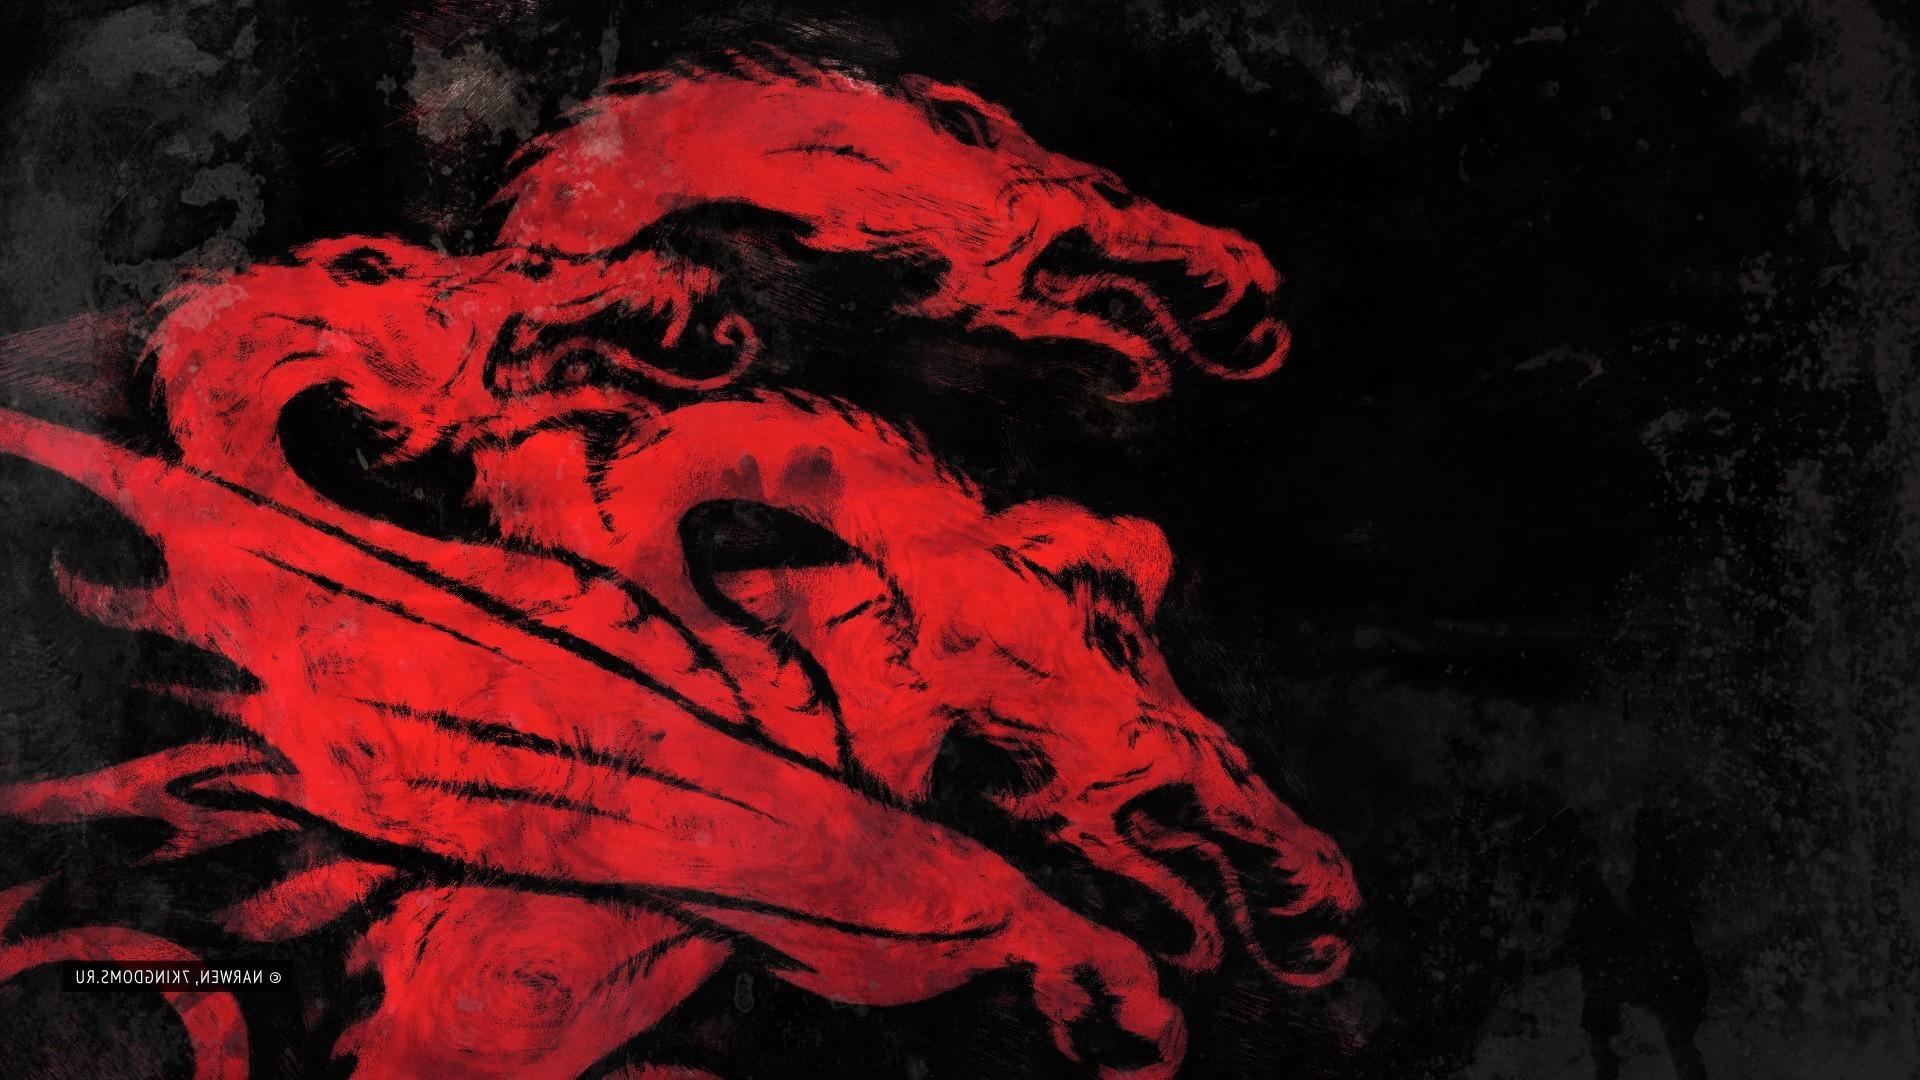 Wallpaper Red Dragon Game Of Thrones House Targaryen